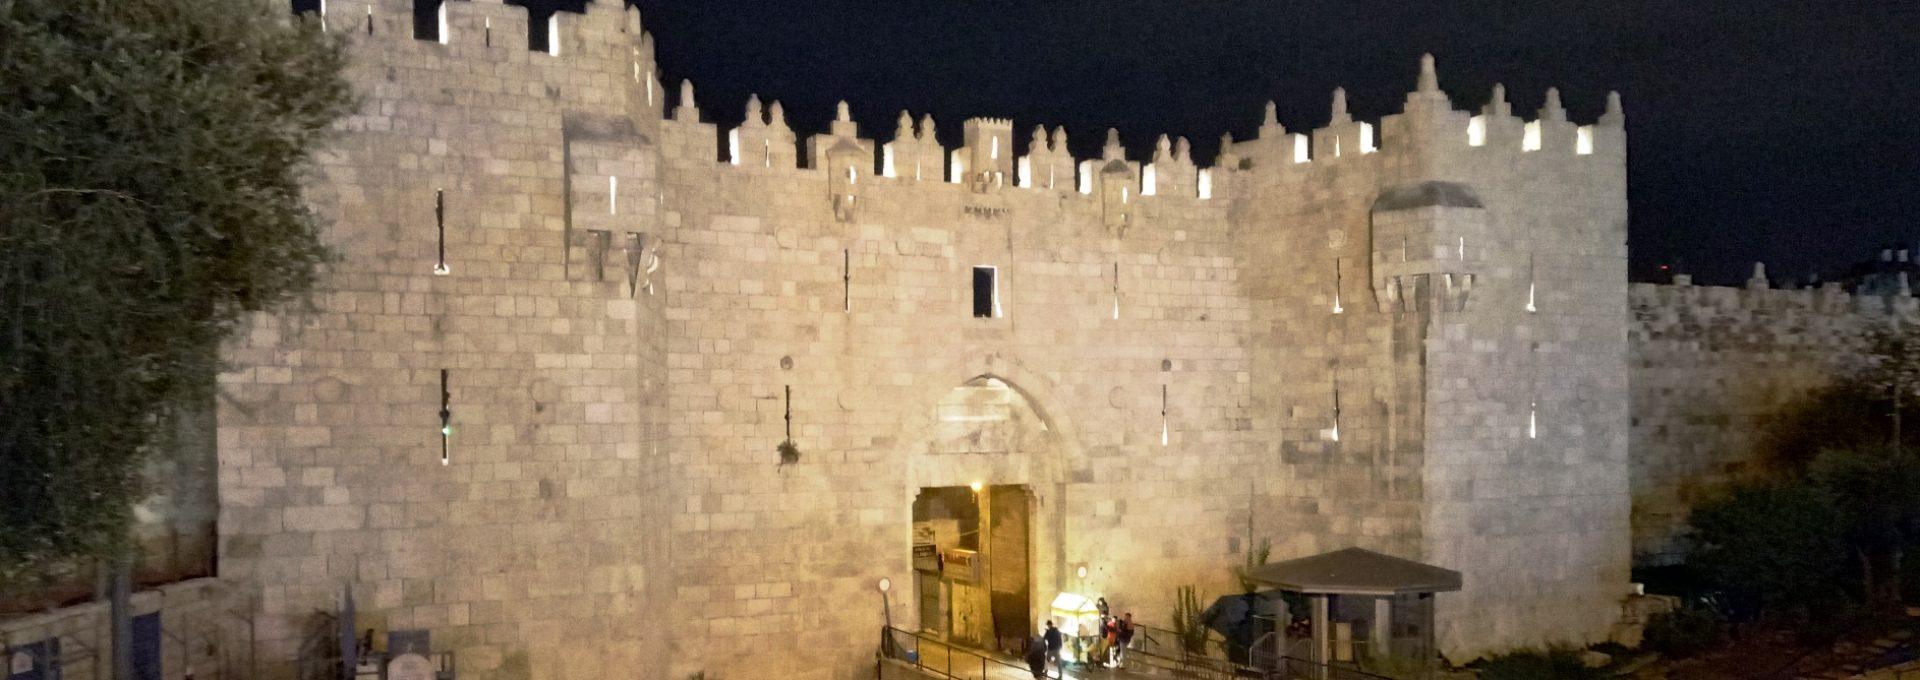 Inspiration Tours - Jerusalem - Holy Land